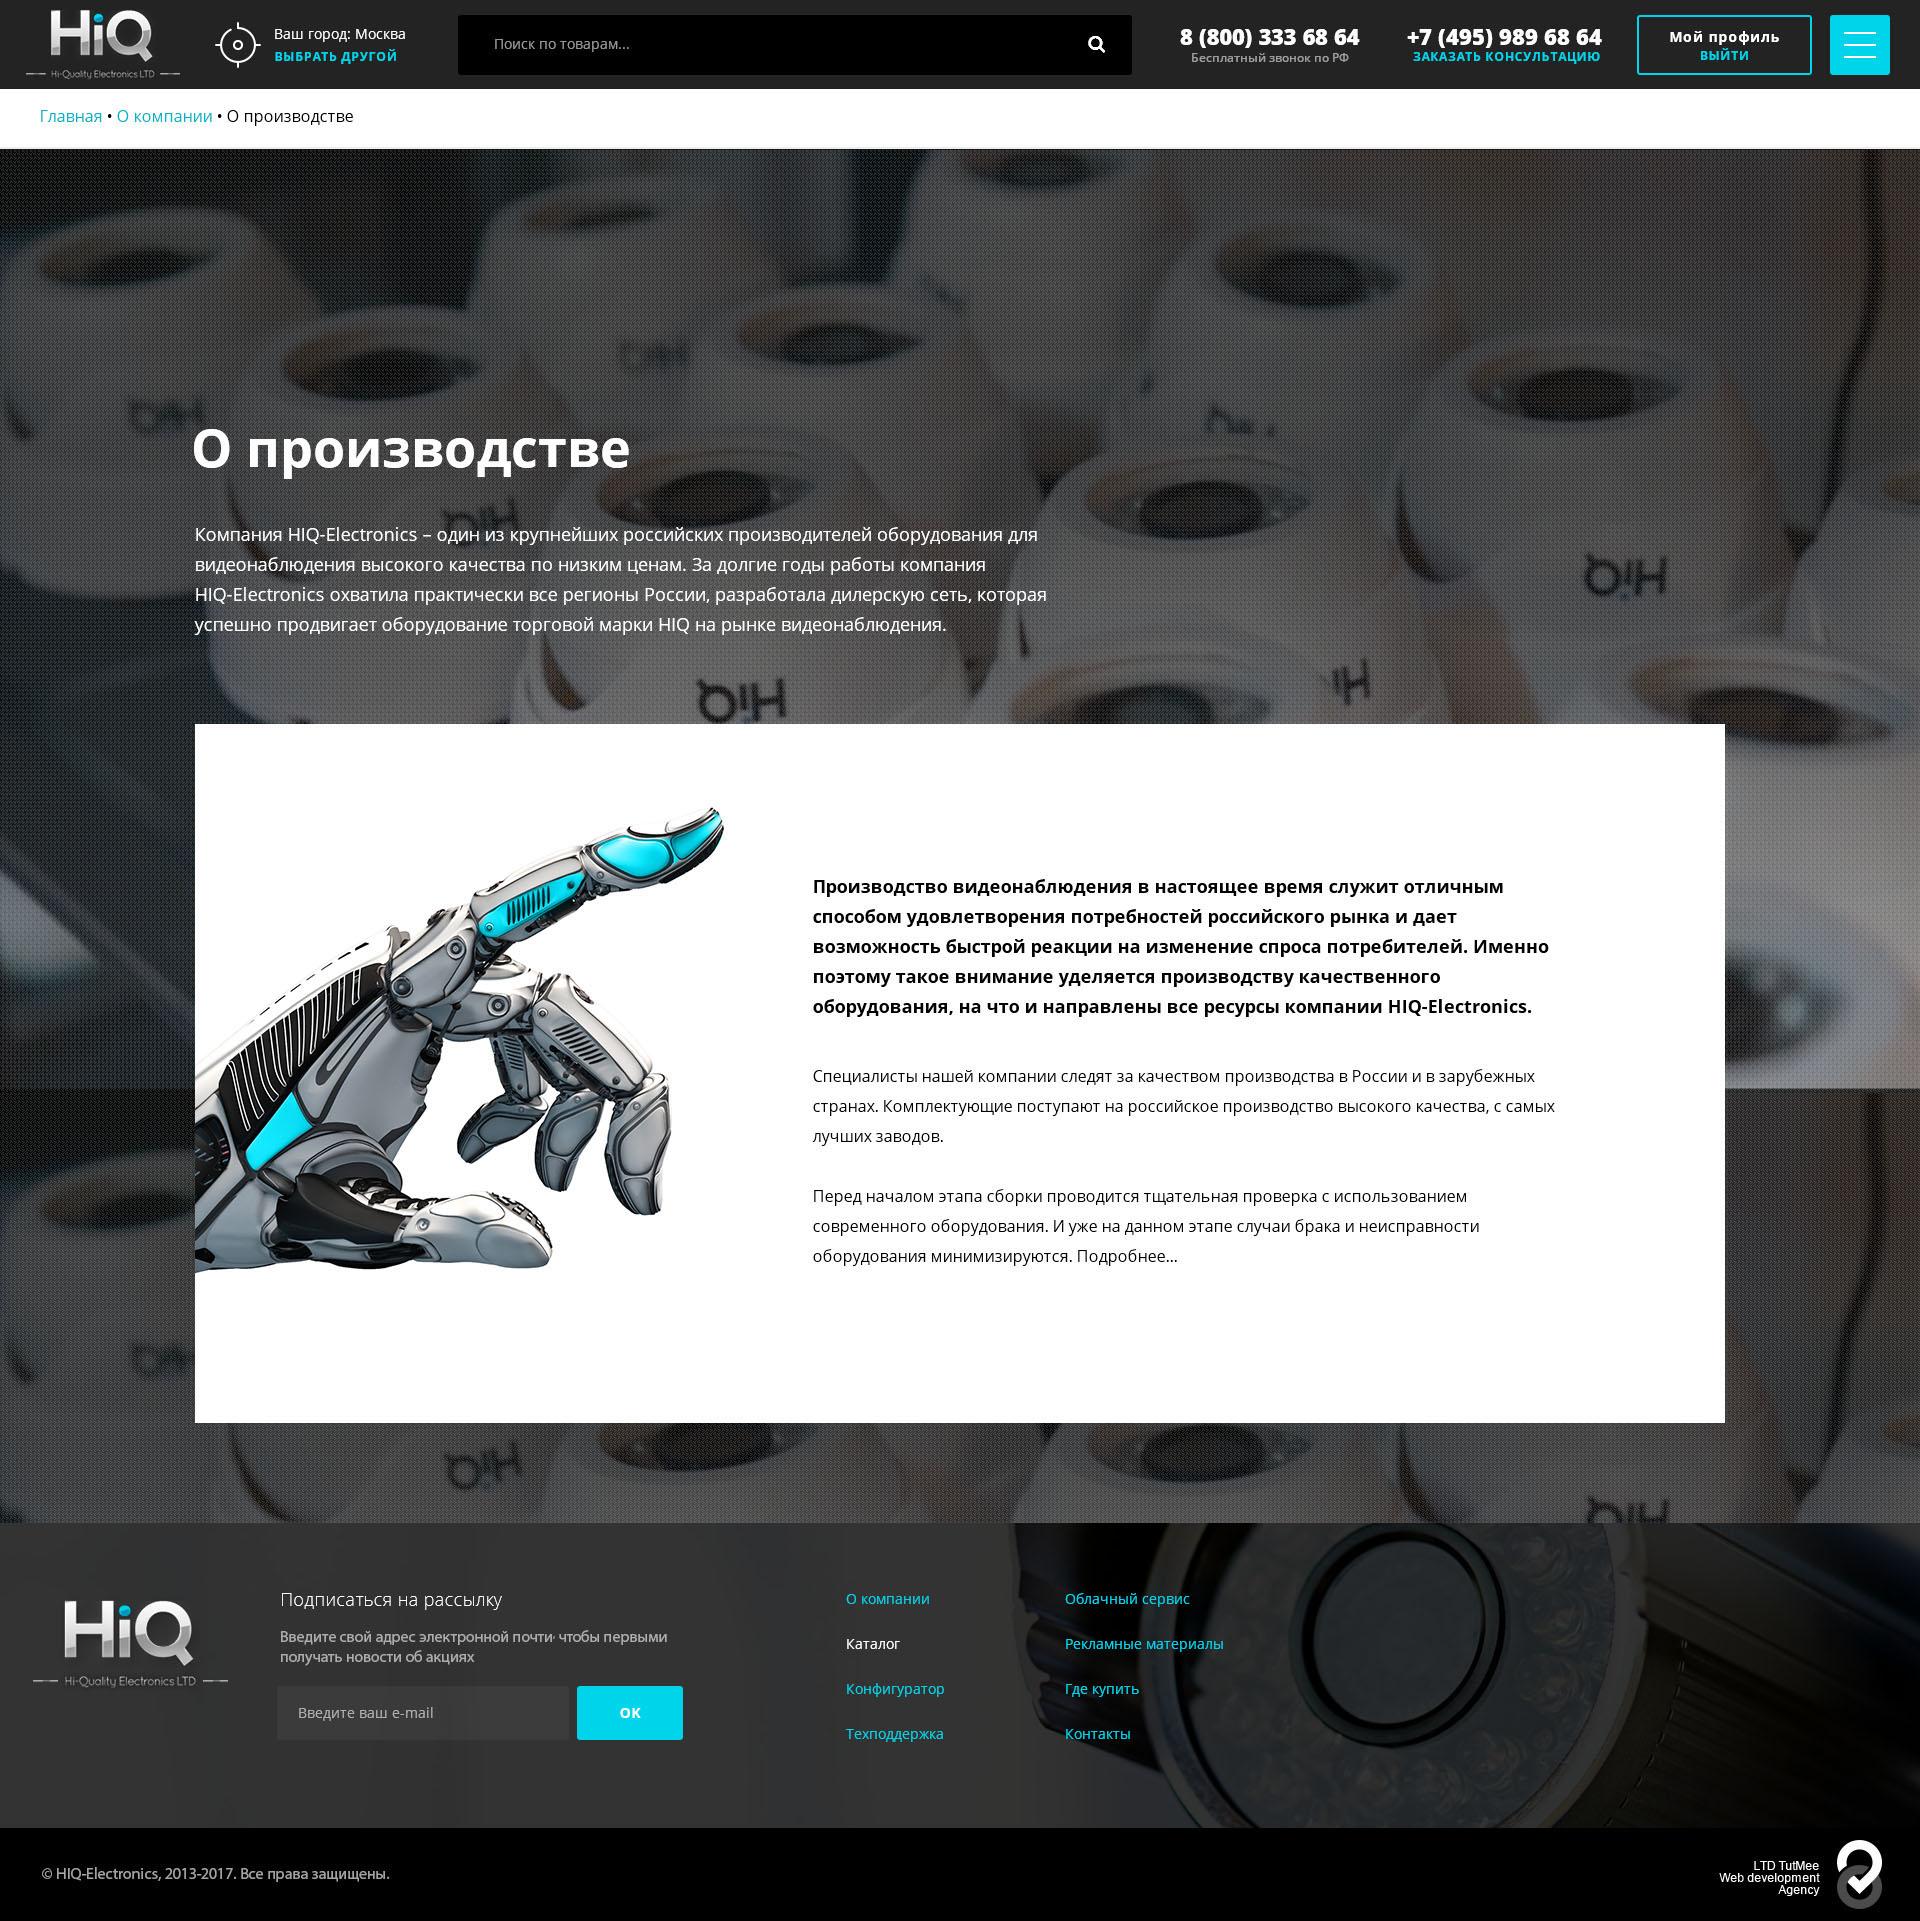 Сайт-каталог HiQ - Оборудование для систем видеонаблюдения